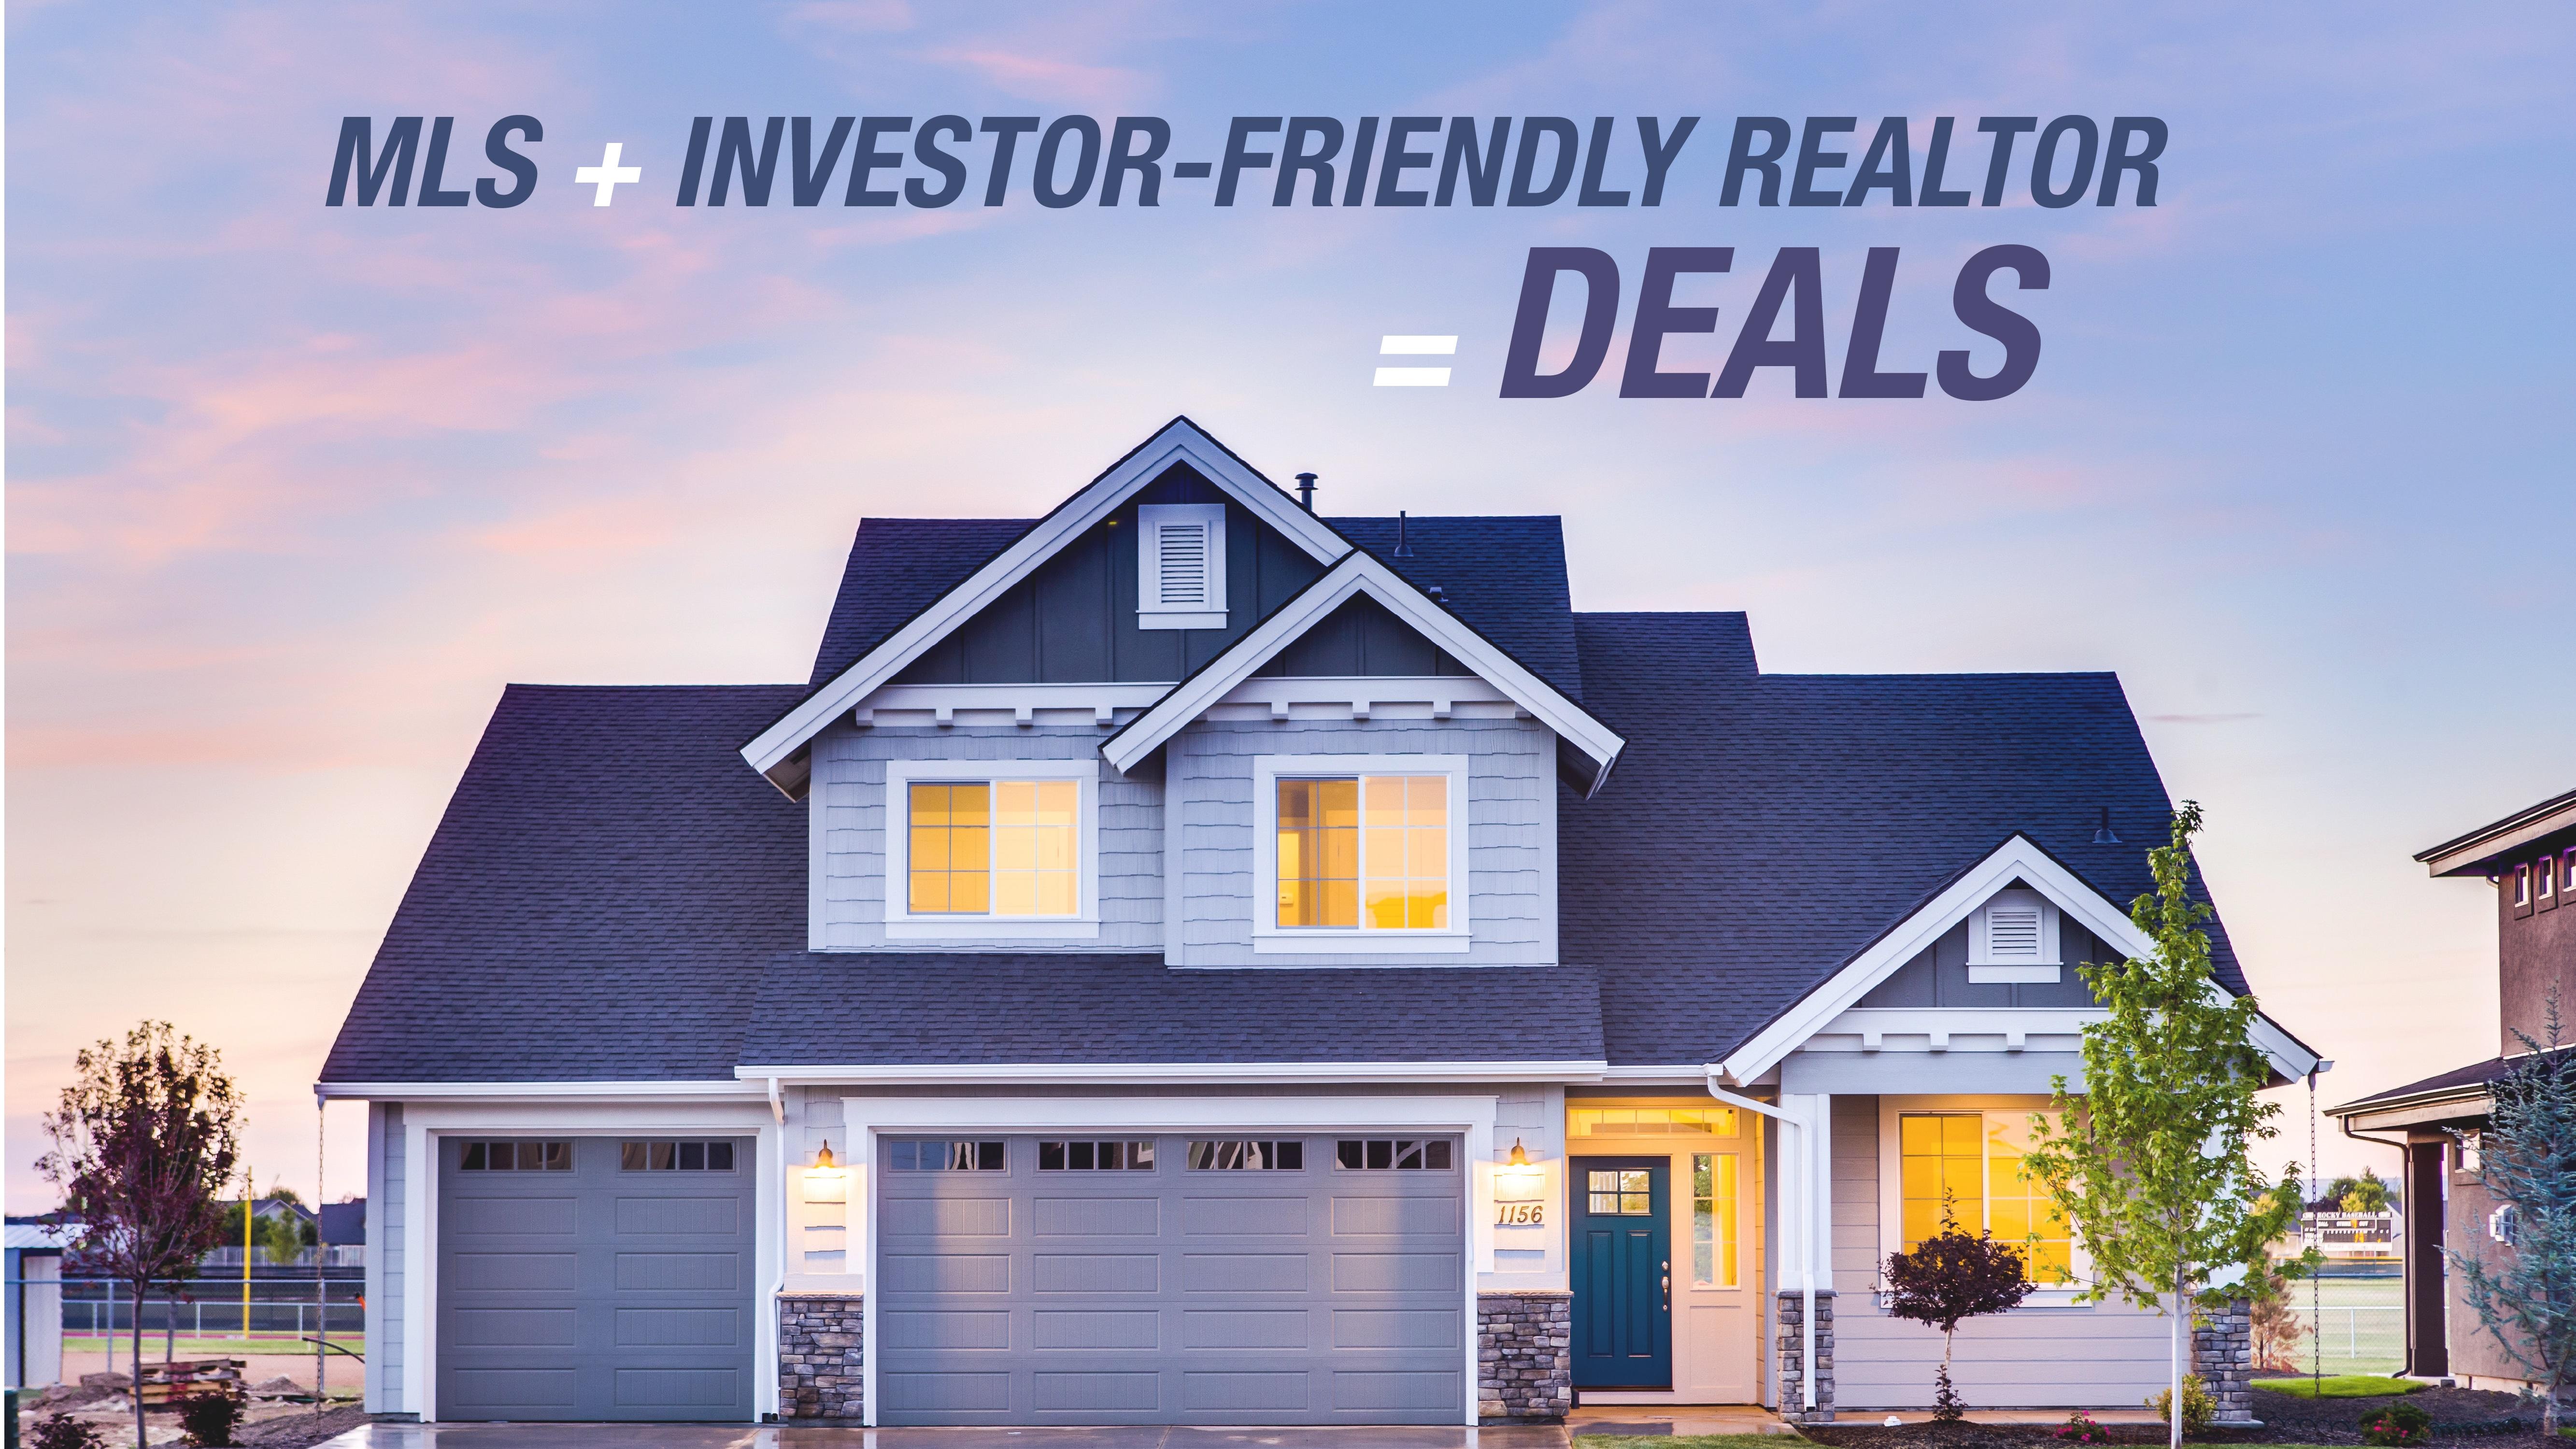 MLS + investor-friendly Realtor = deals